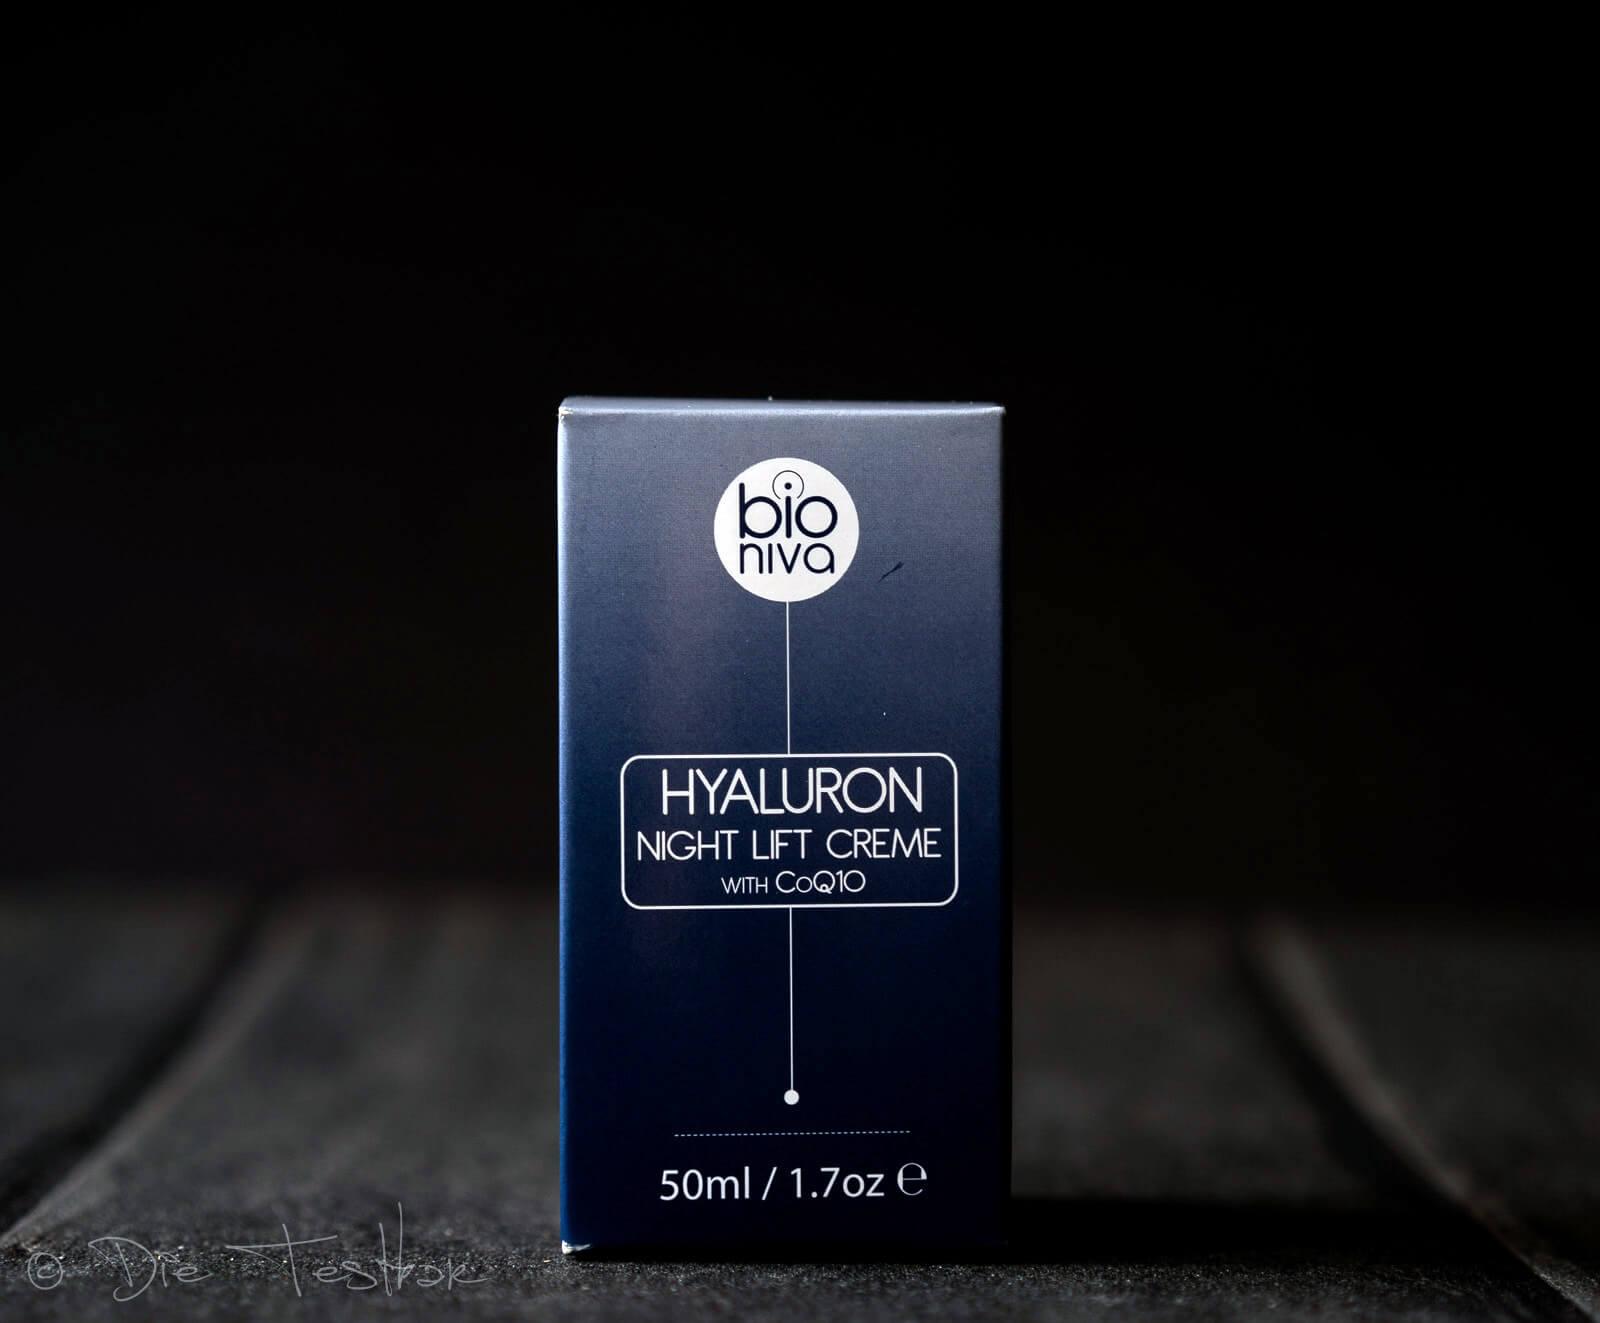 Hyaluron Night Lift Creme mit CoQ10 von Bioniva